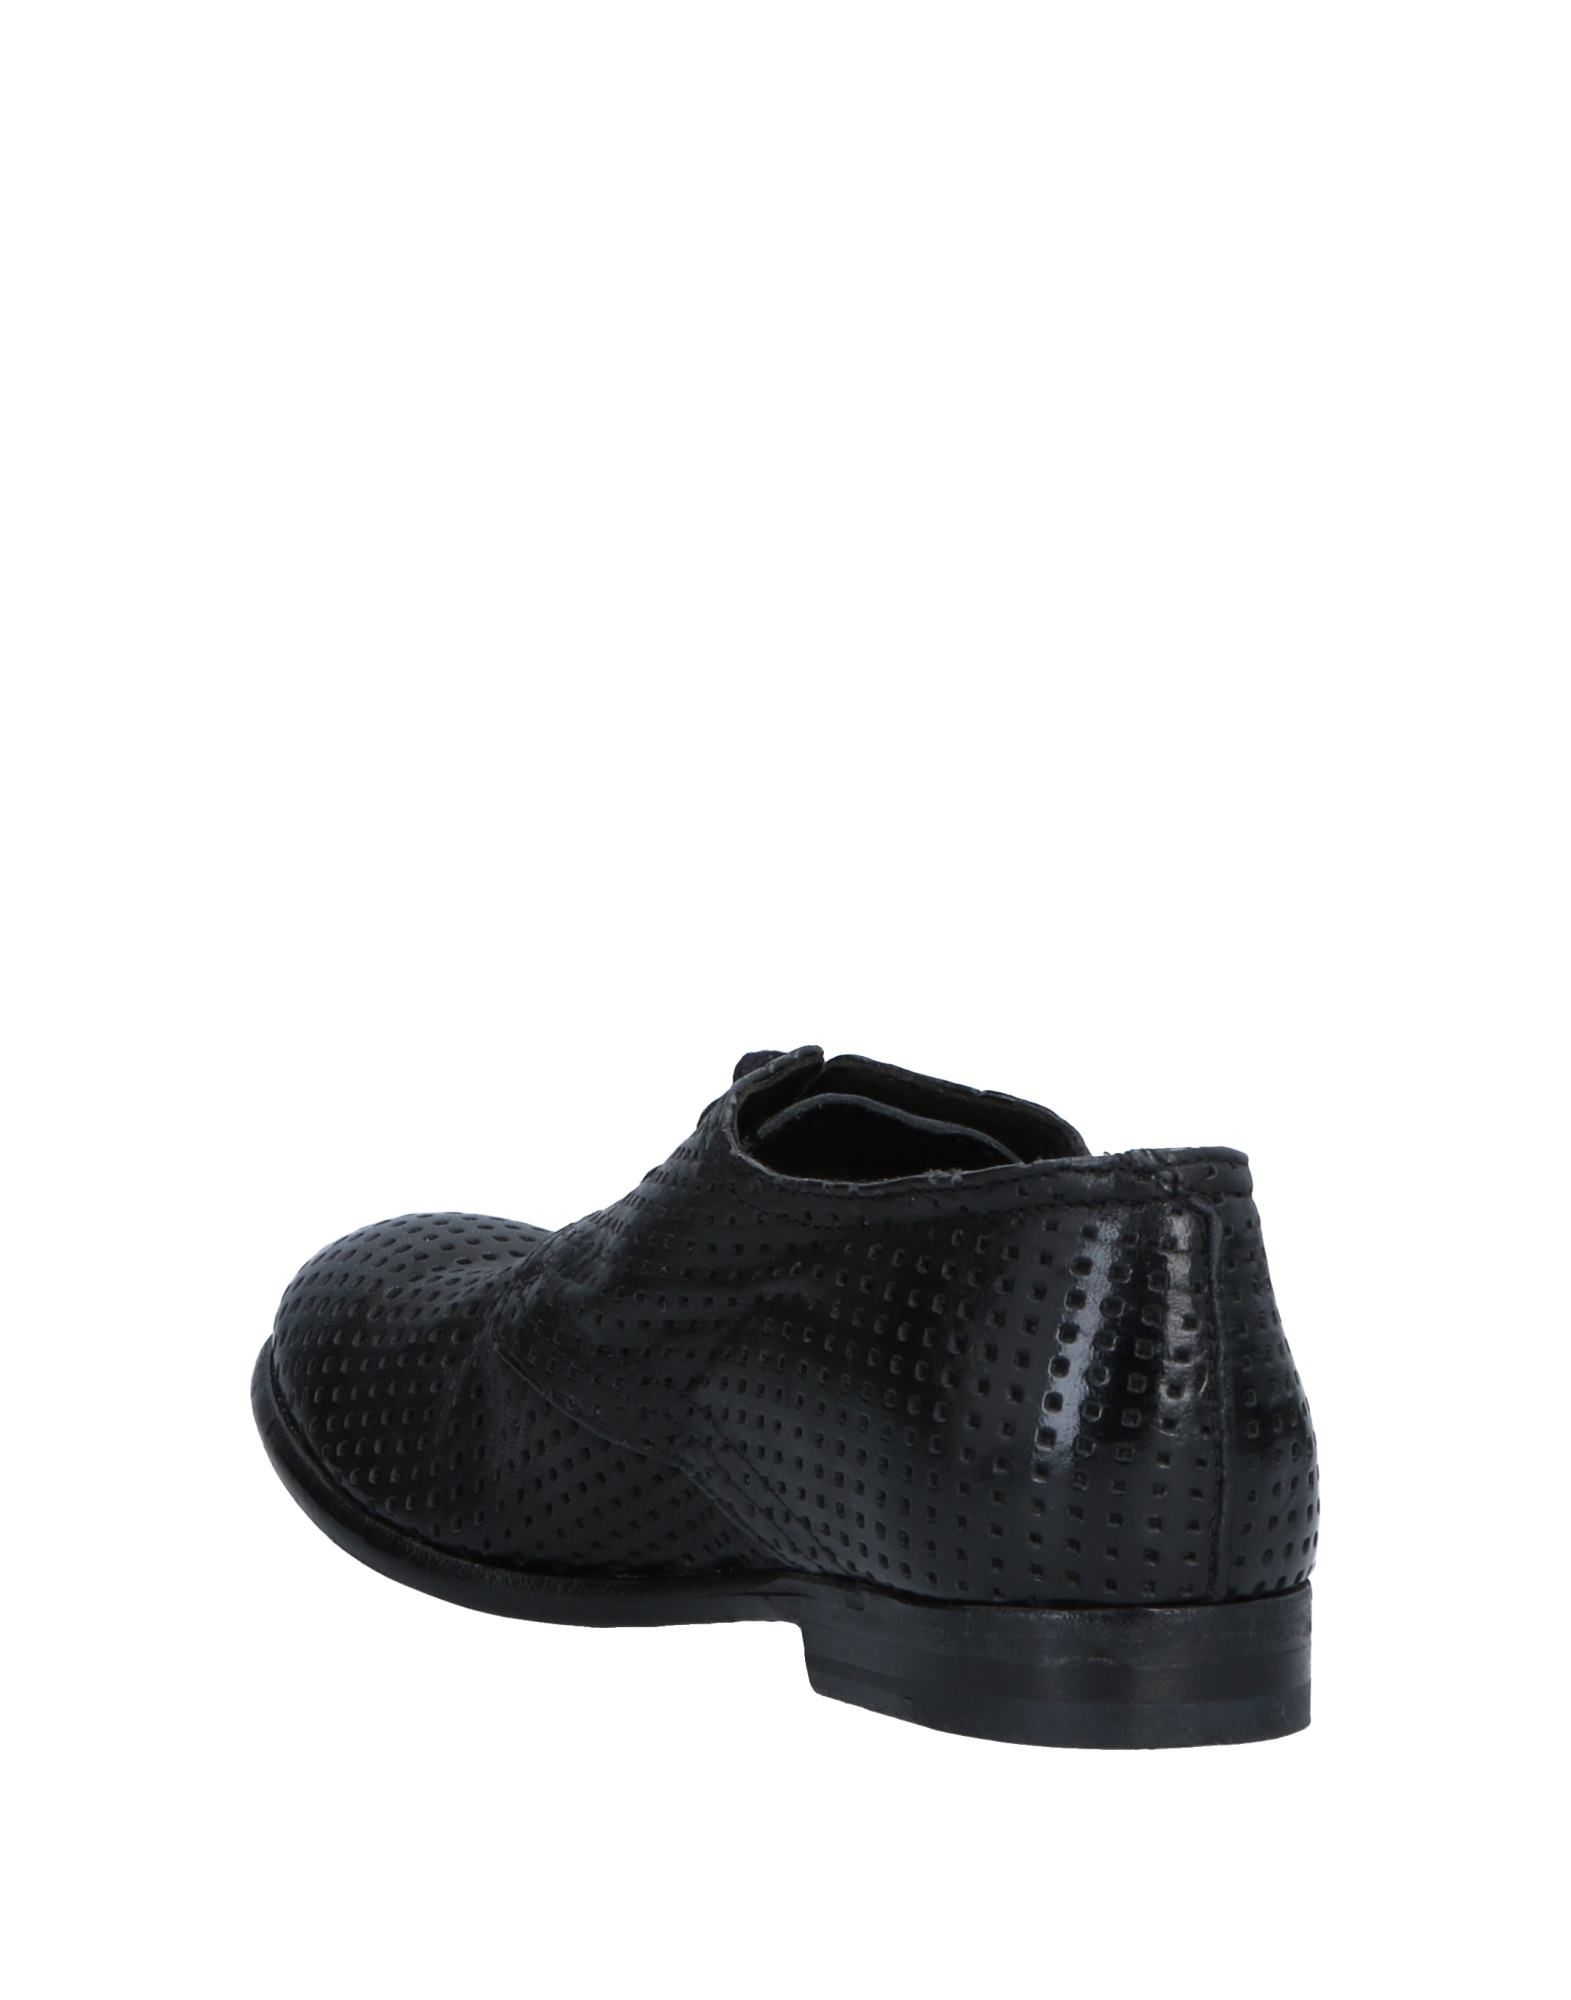 The Last Conspiracy Schnürschuhe strapazierfähige Damen  11543060XVGut aussehende strapazierfähige Schnürschuhe Schuhe fd5ec7